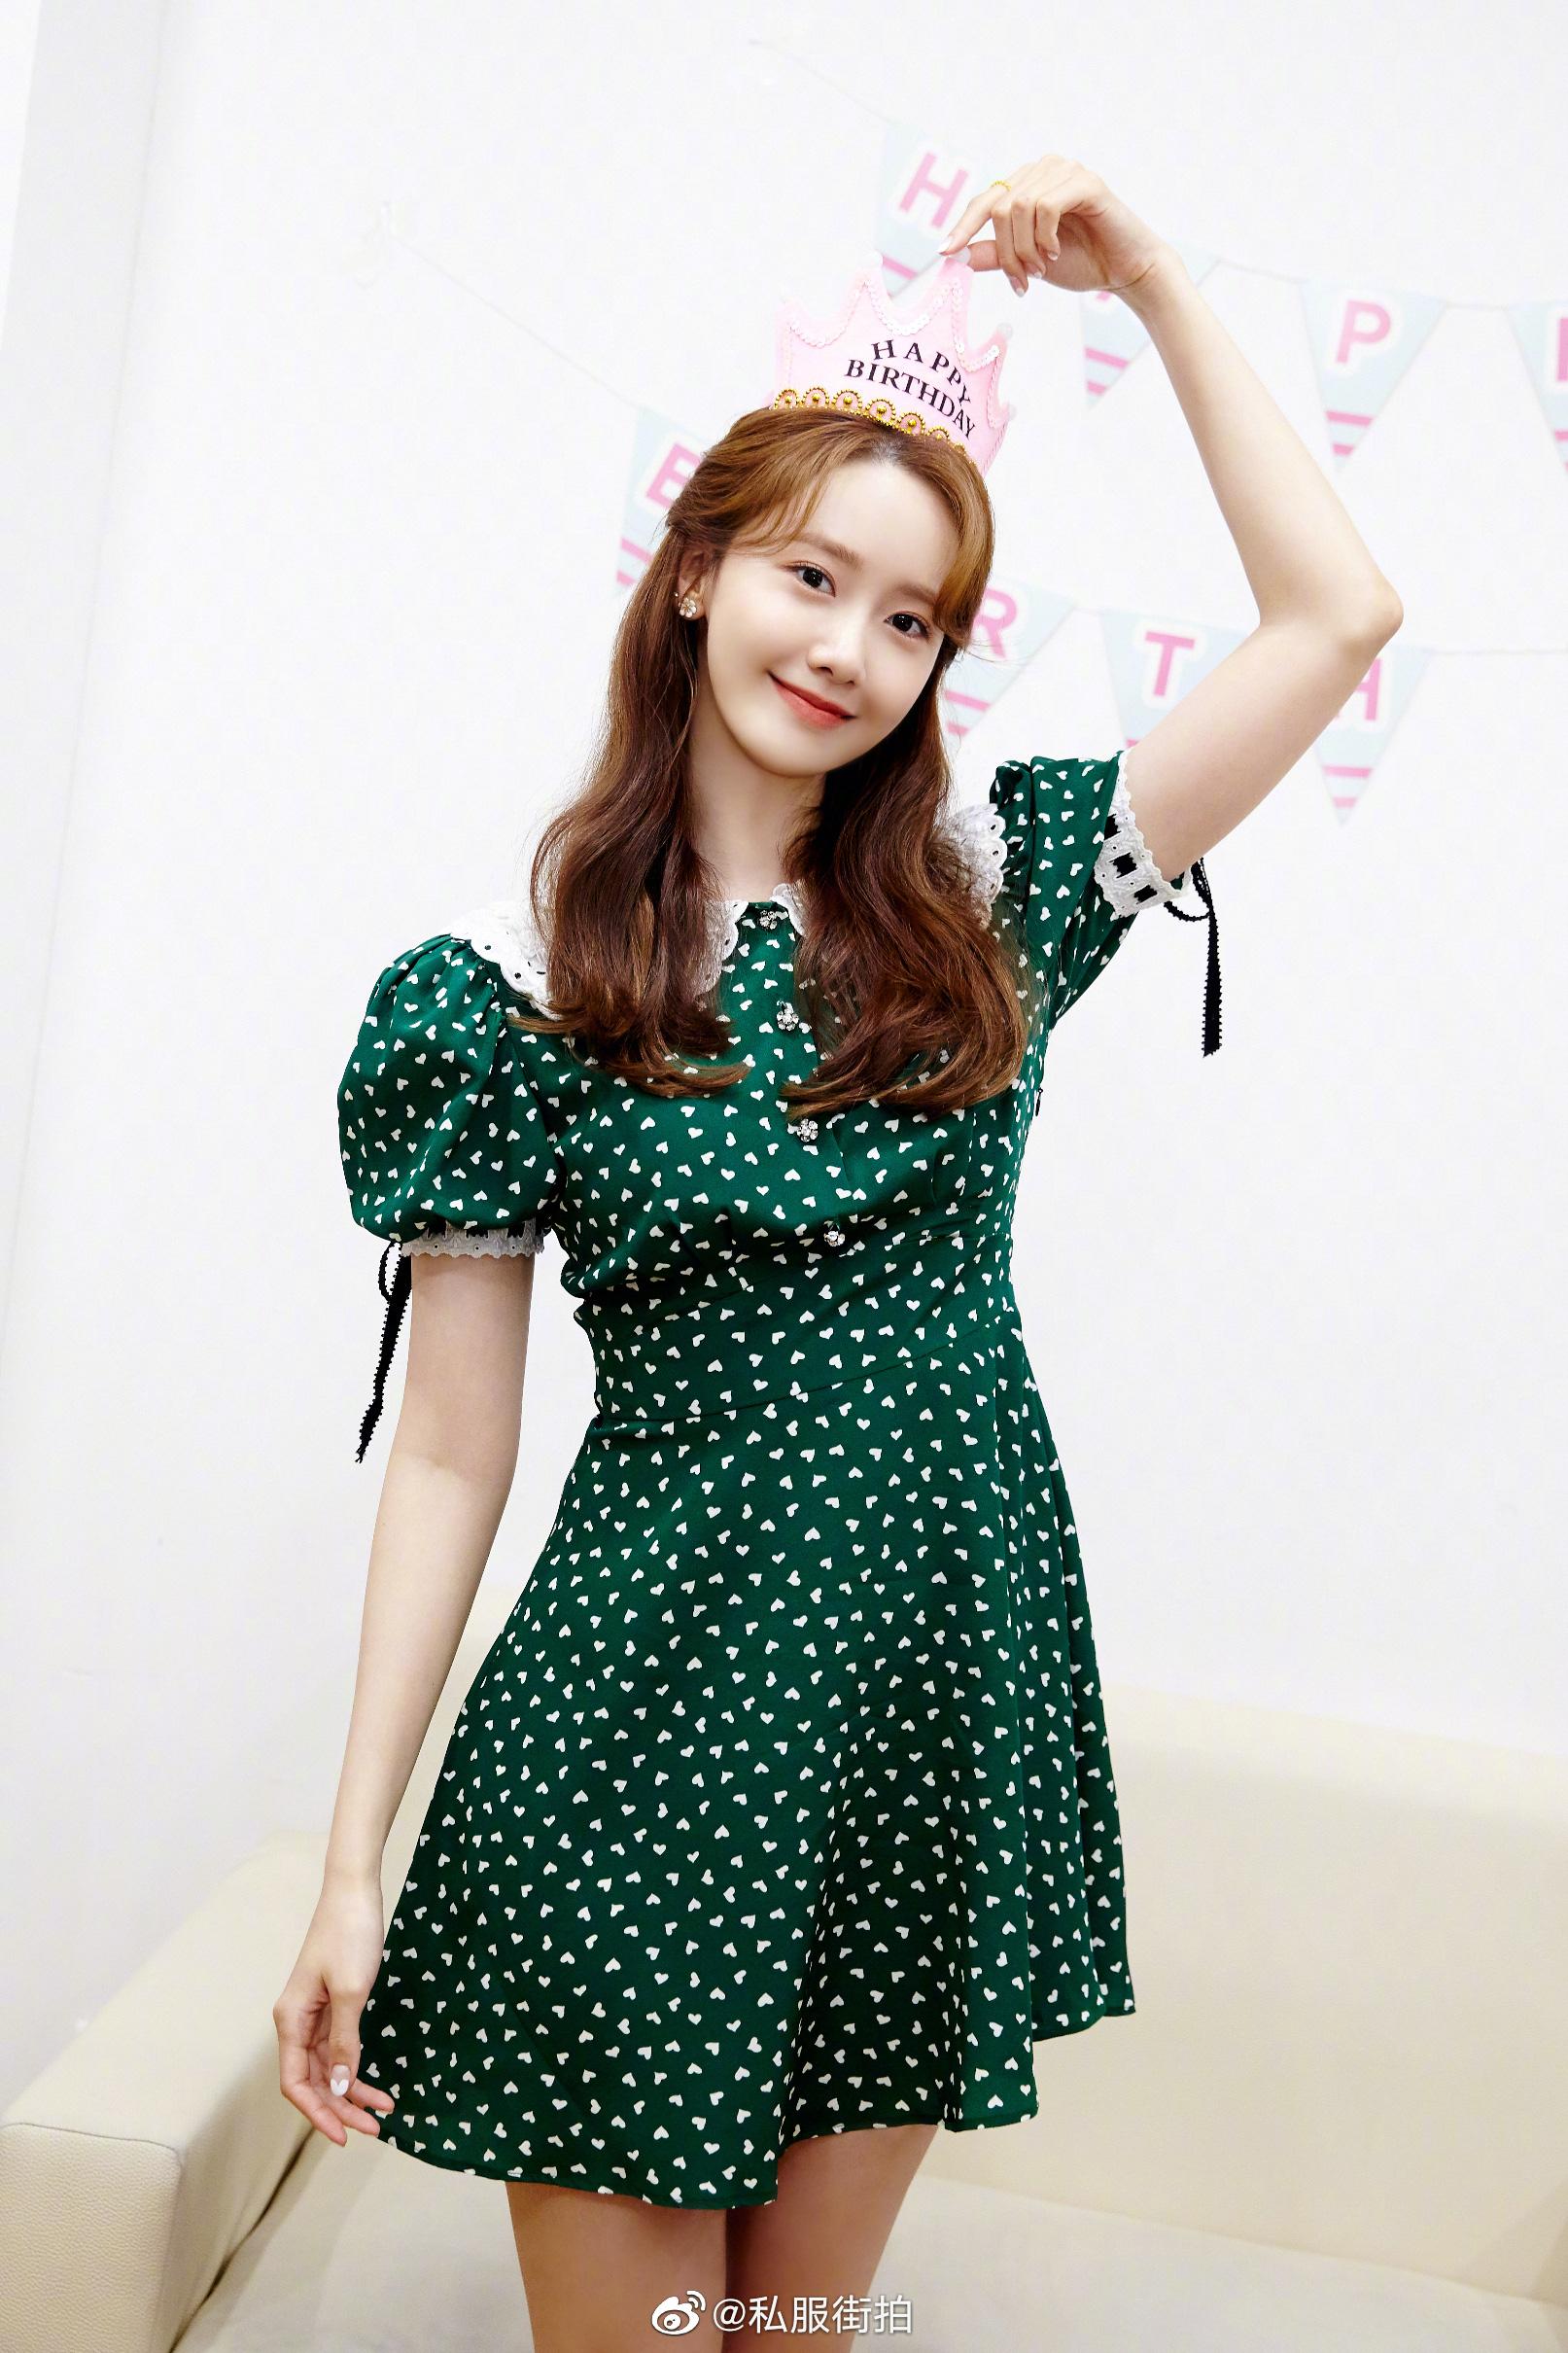 Yoona đụng váy với Âu Dương Na Na nhưng tài ở chỗ người lên đồ bánh bèo, người lại cá tính khác hẳn - Ảnh 2.